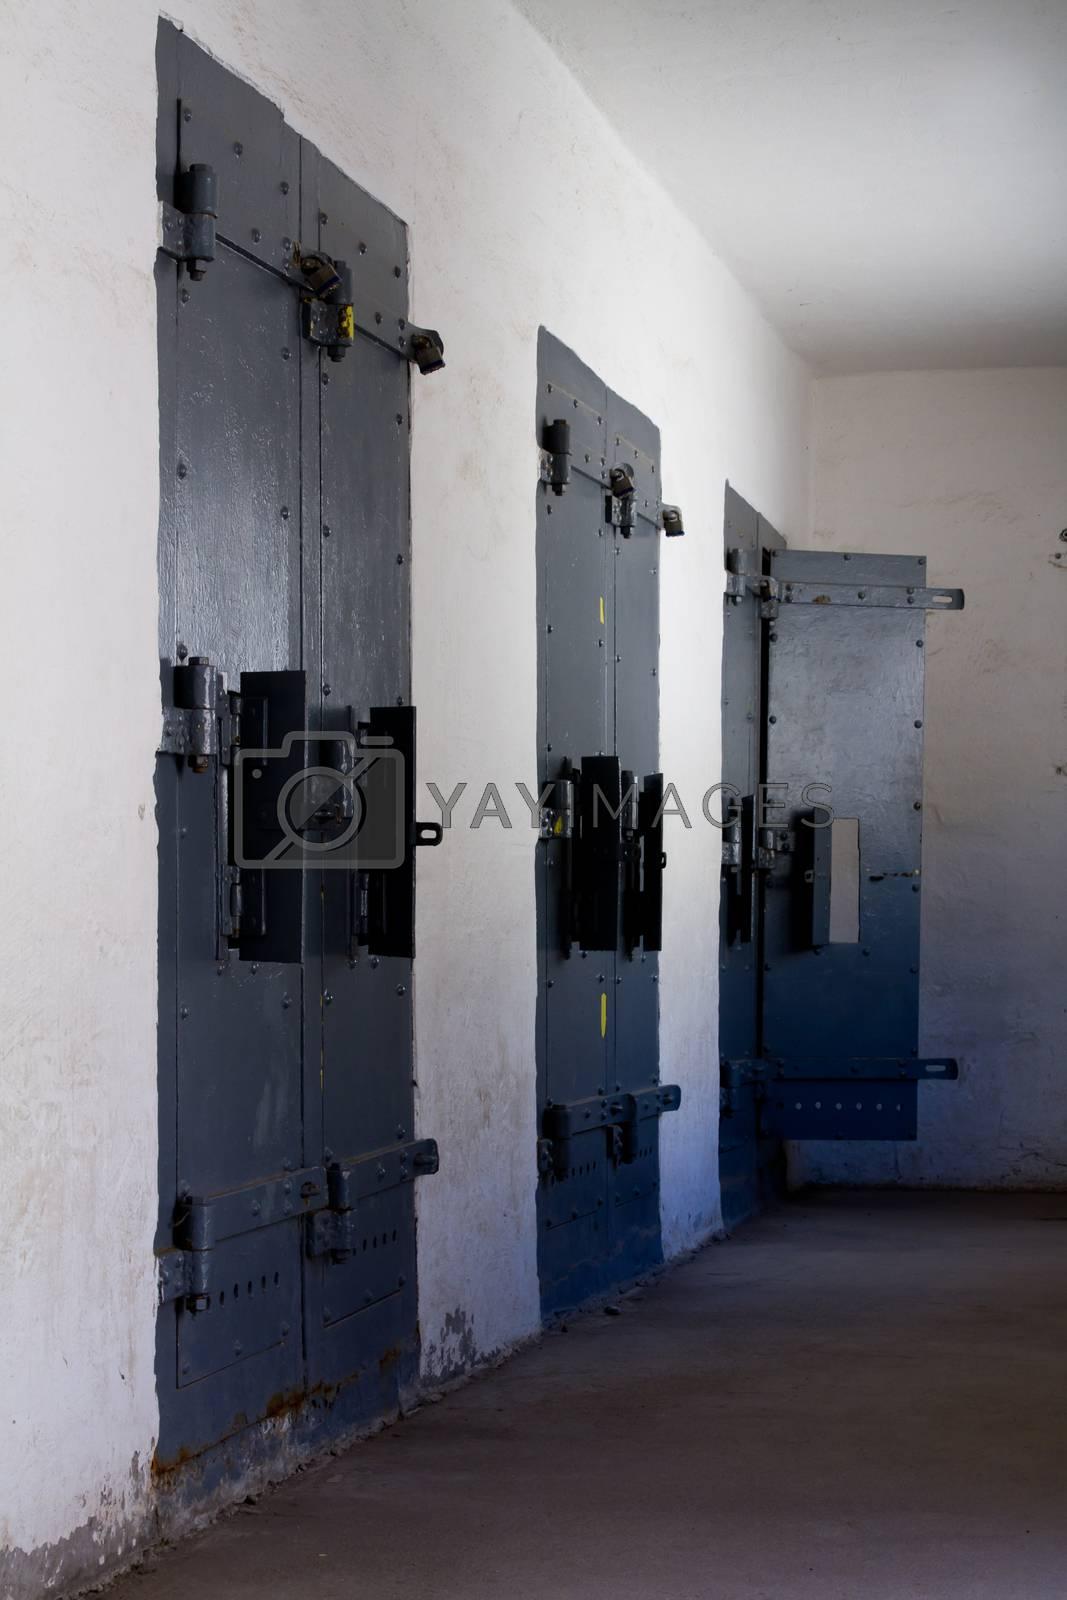 Three doors leading to solitary. Last door of the three is open